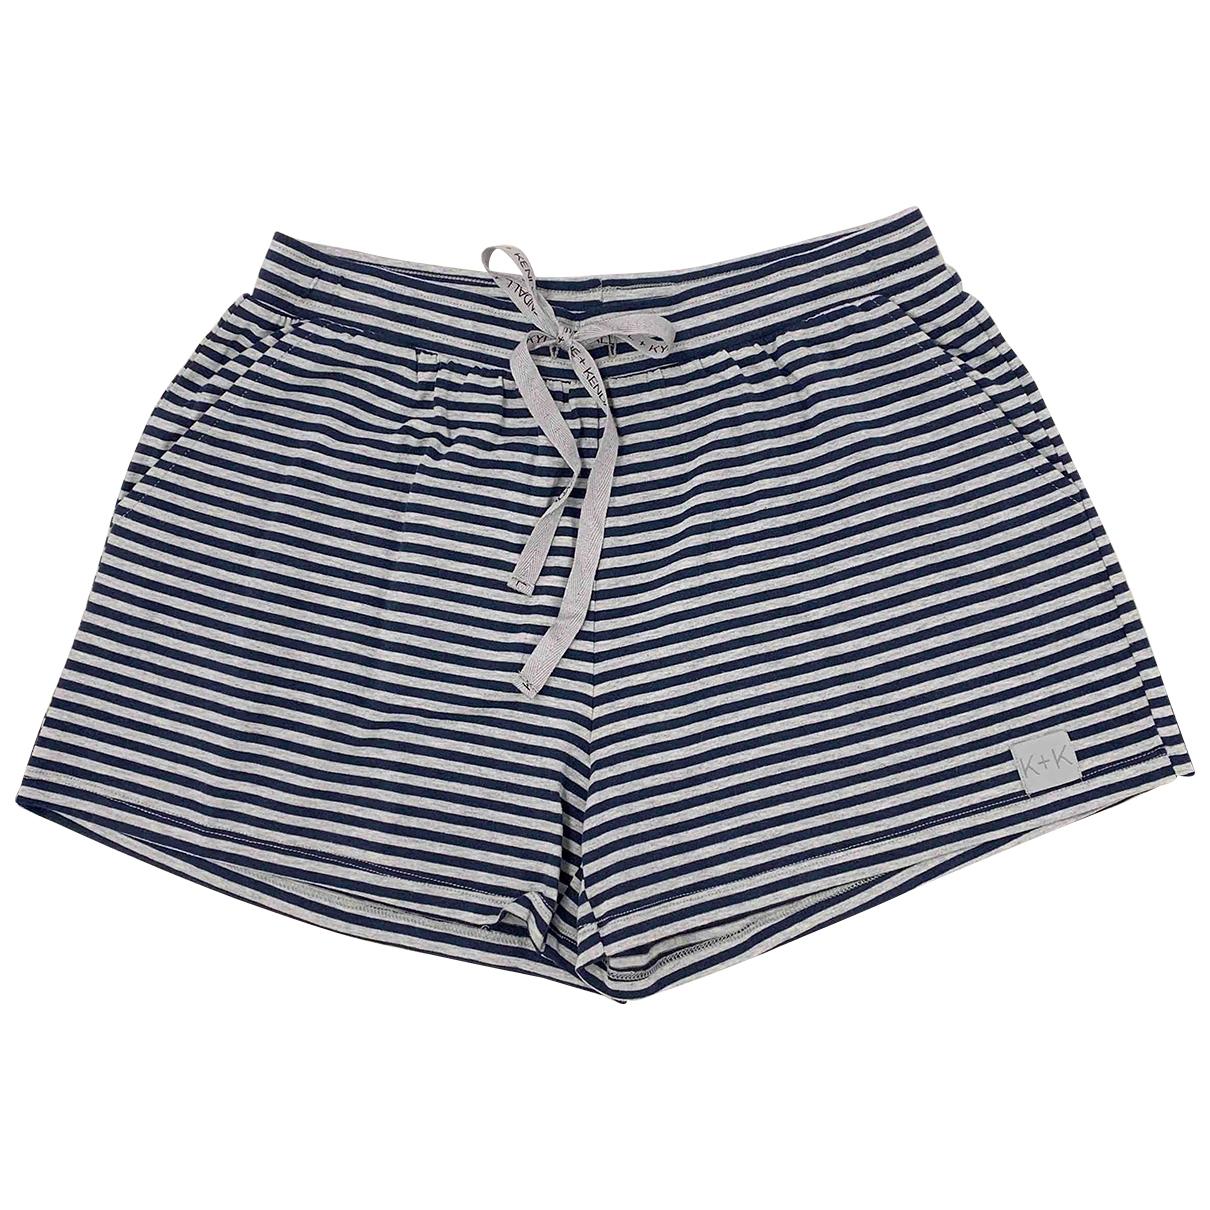 Kendall + Kylie \N Shorts in  Grau Baumwolle